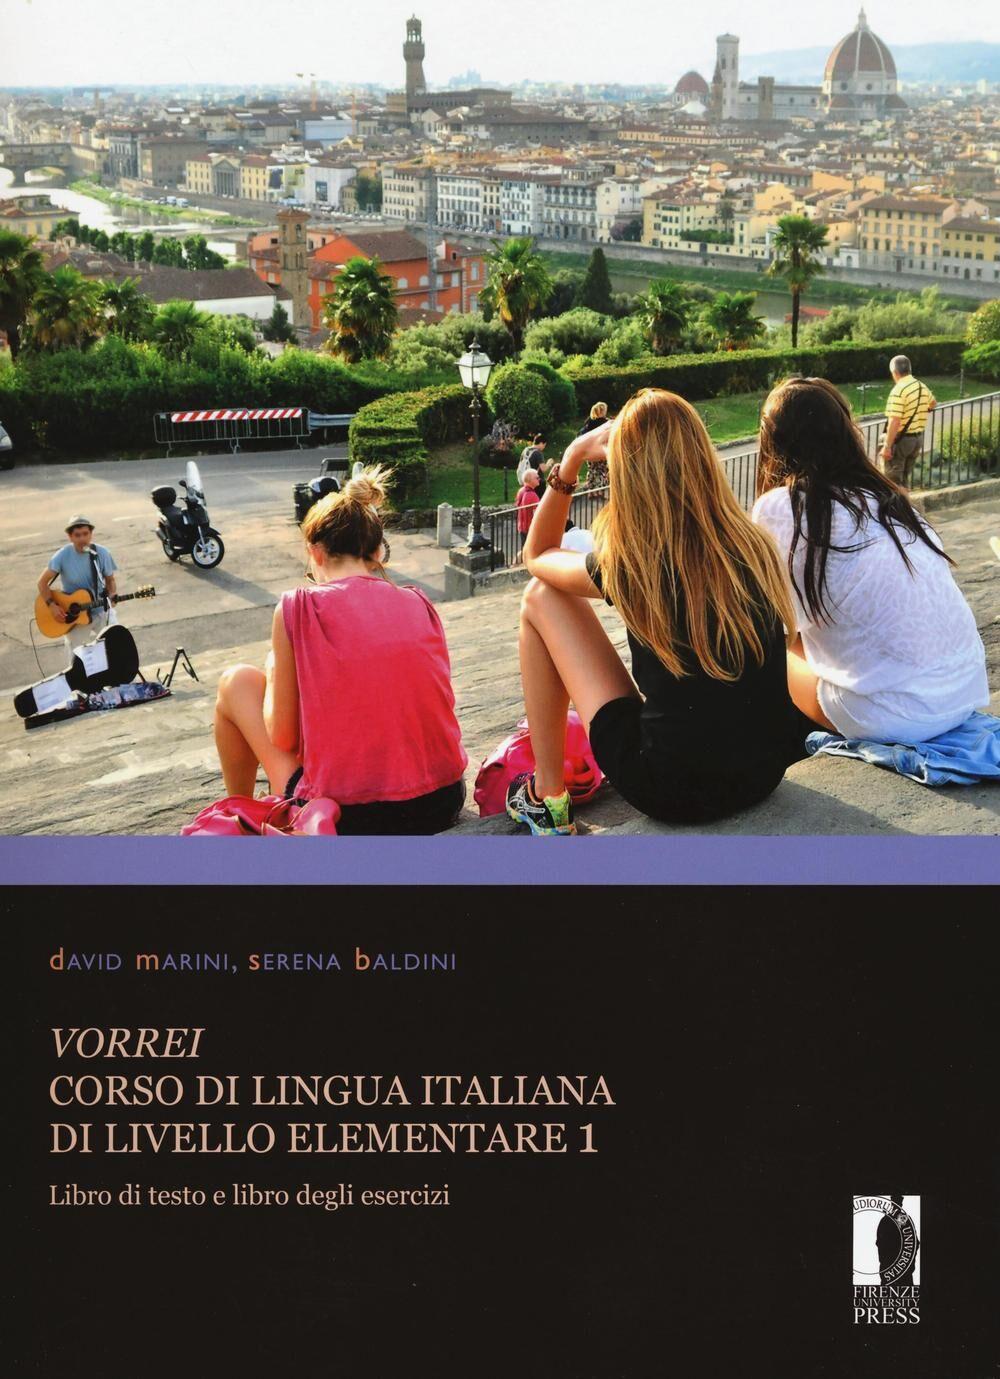 Vorrei. Corso di lingua italiana di livello elementare. Vol. 1: Libro di testo e libro degli esercizi.